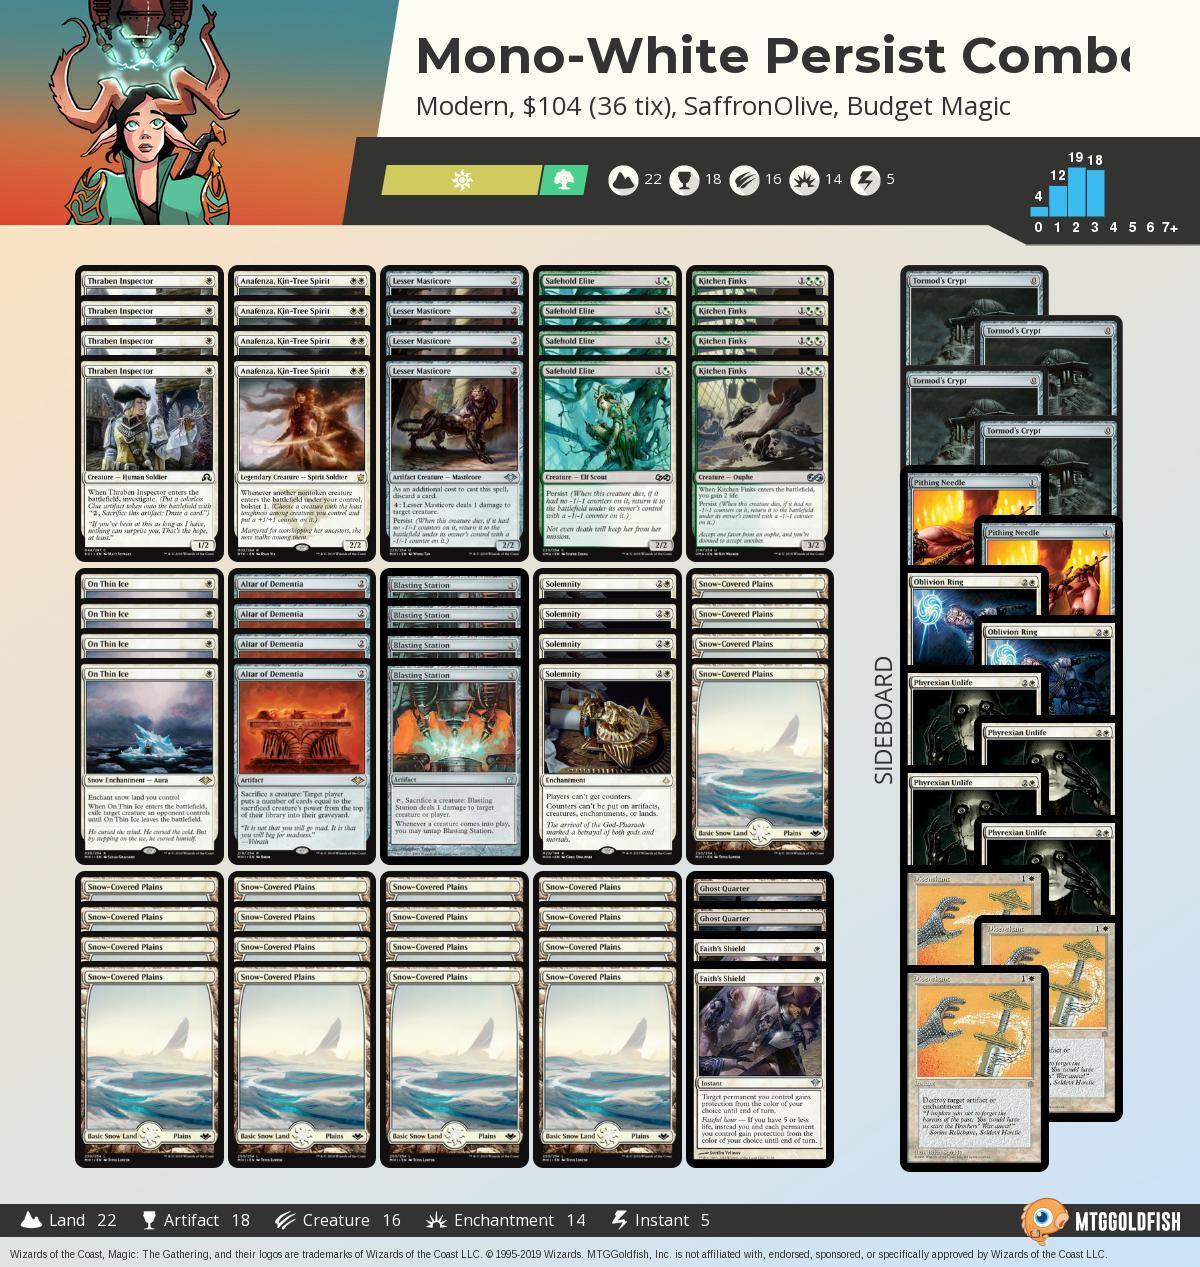 Mono white%2bpersist%2bcombo f68aa3bd f91b 45c2 a31a e7c532c236a8%2ejpg